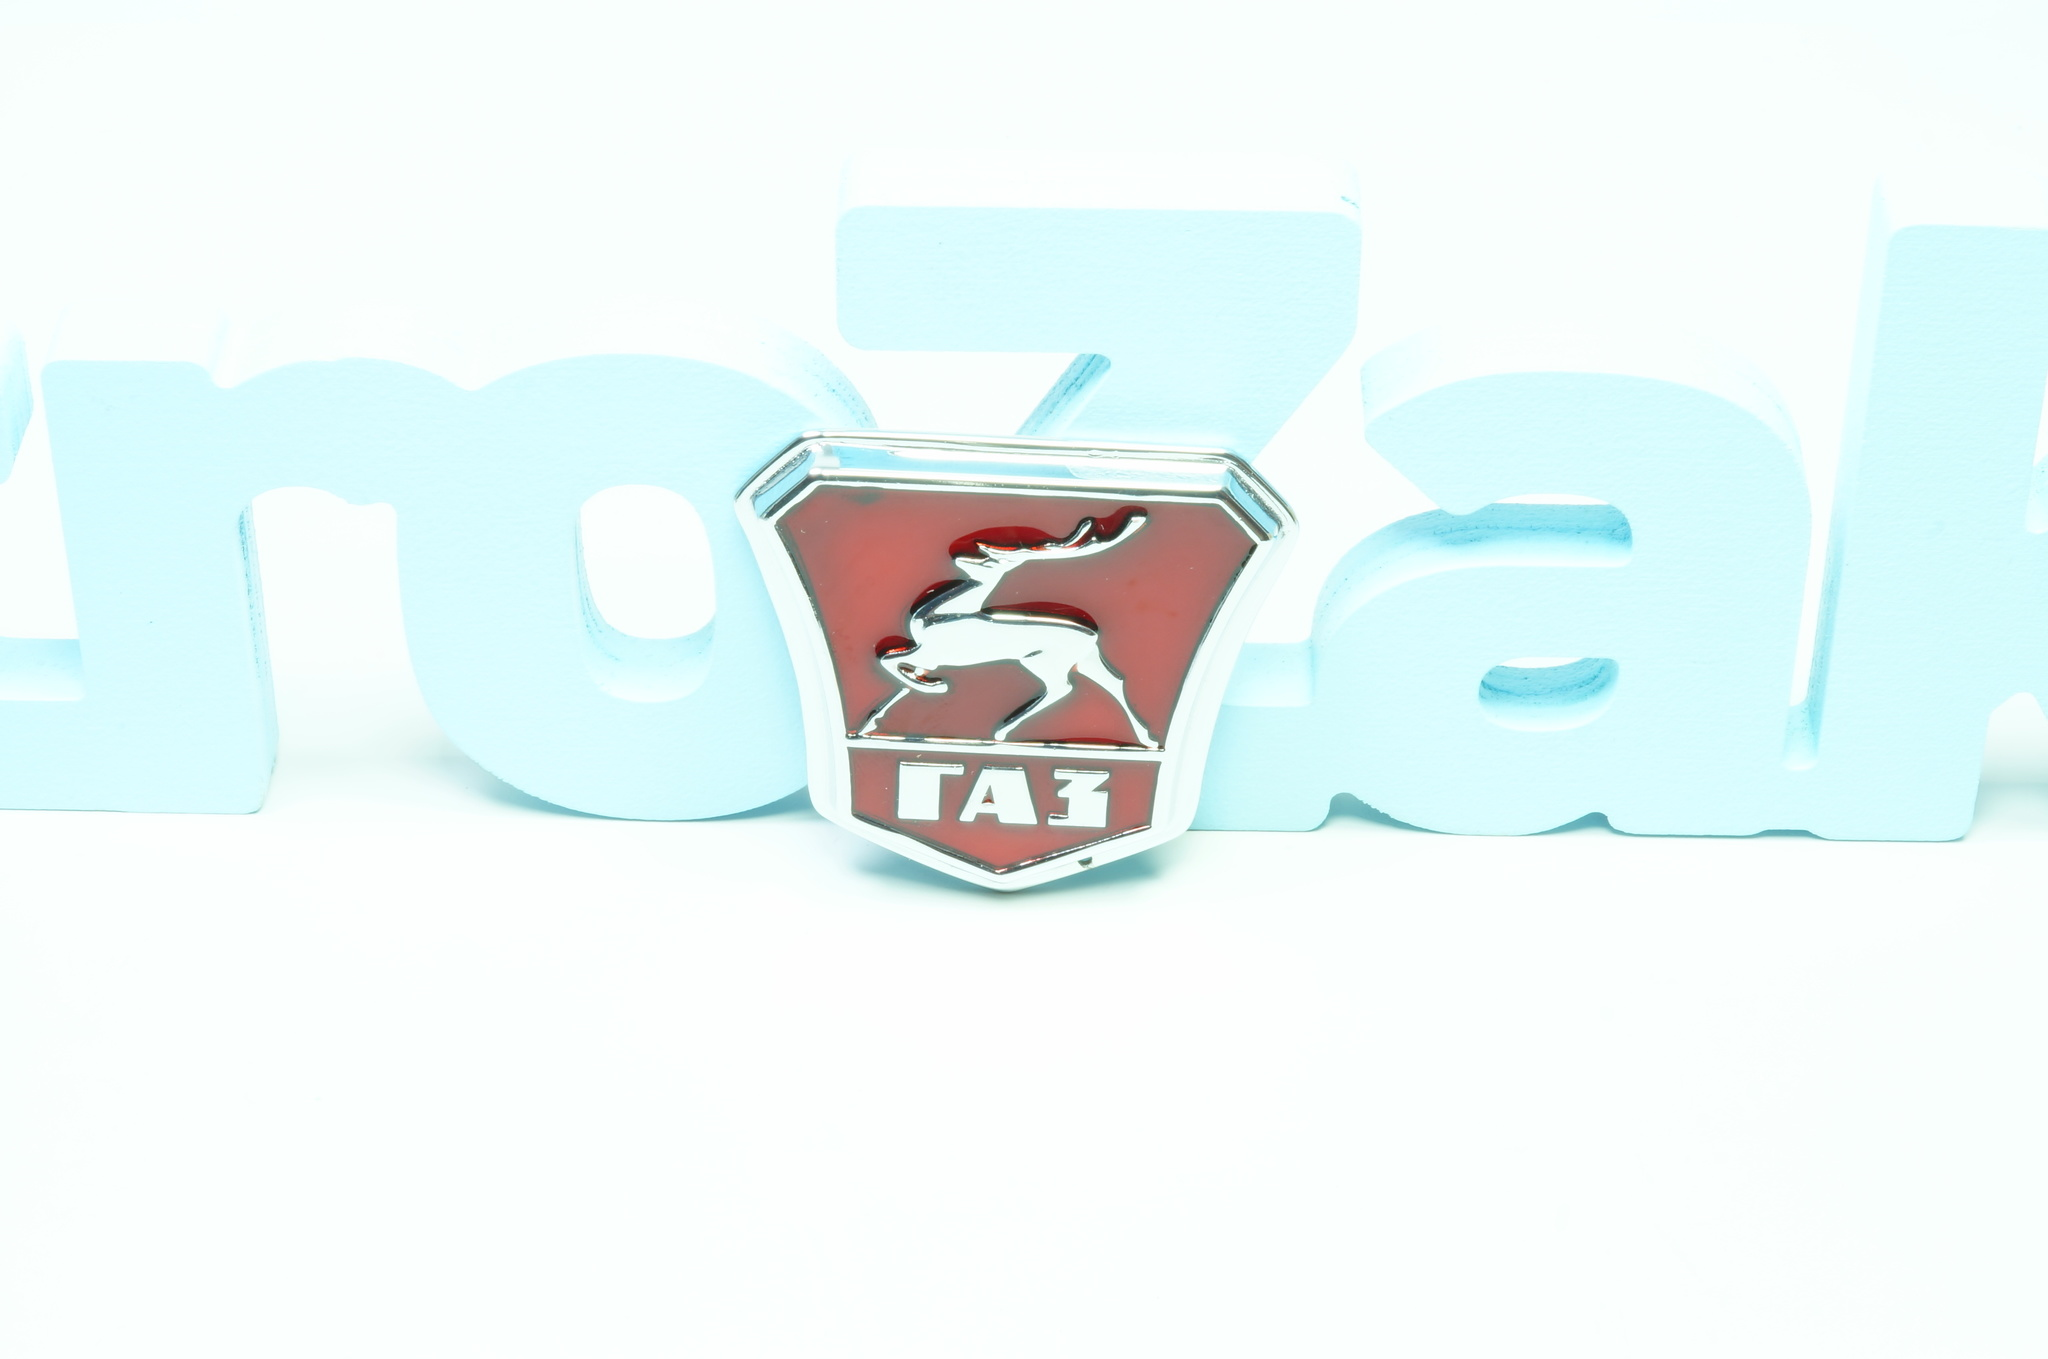 Эмблема передней птицы Газ 21 3 серии